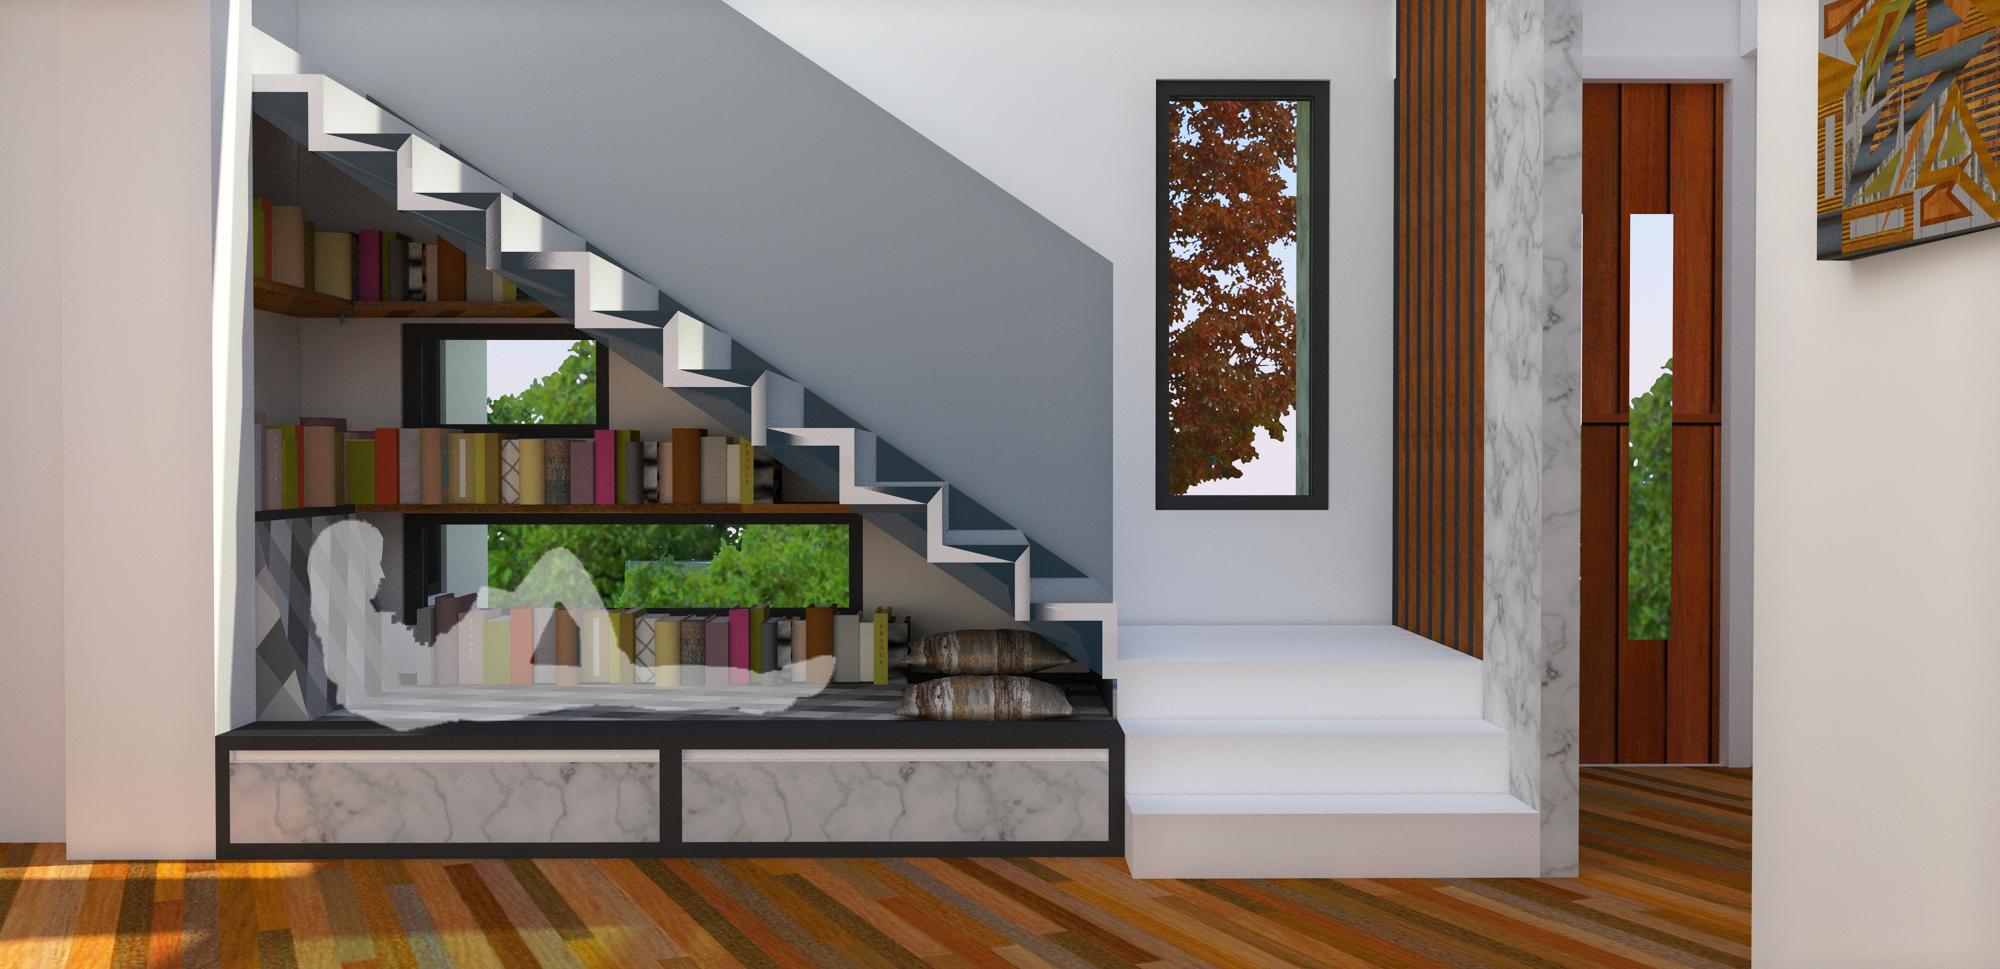 Stair nook.jpg